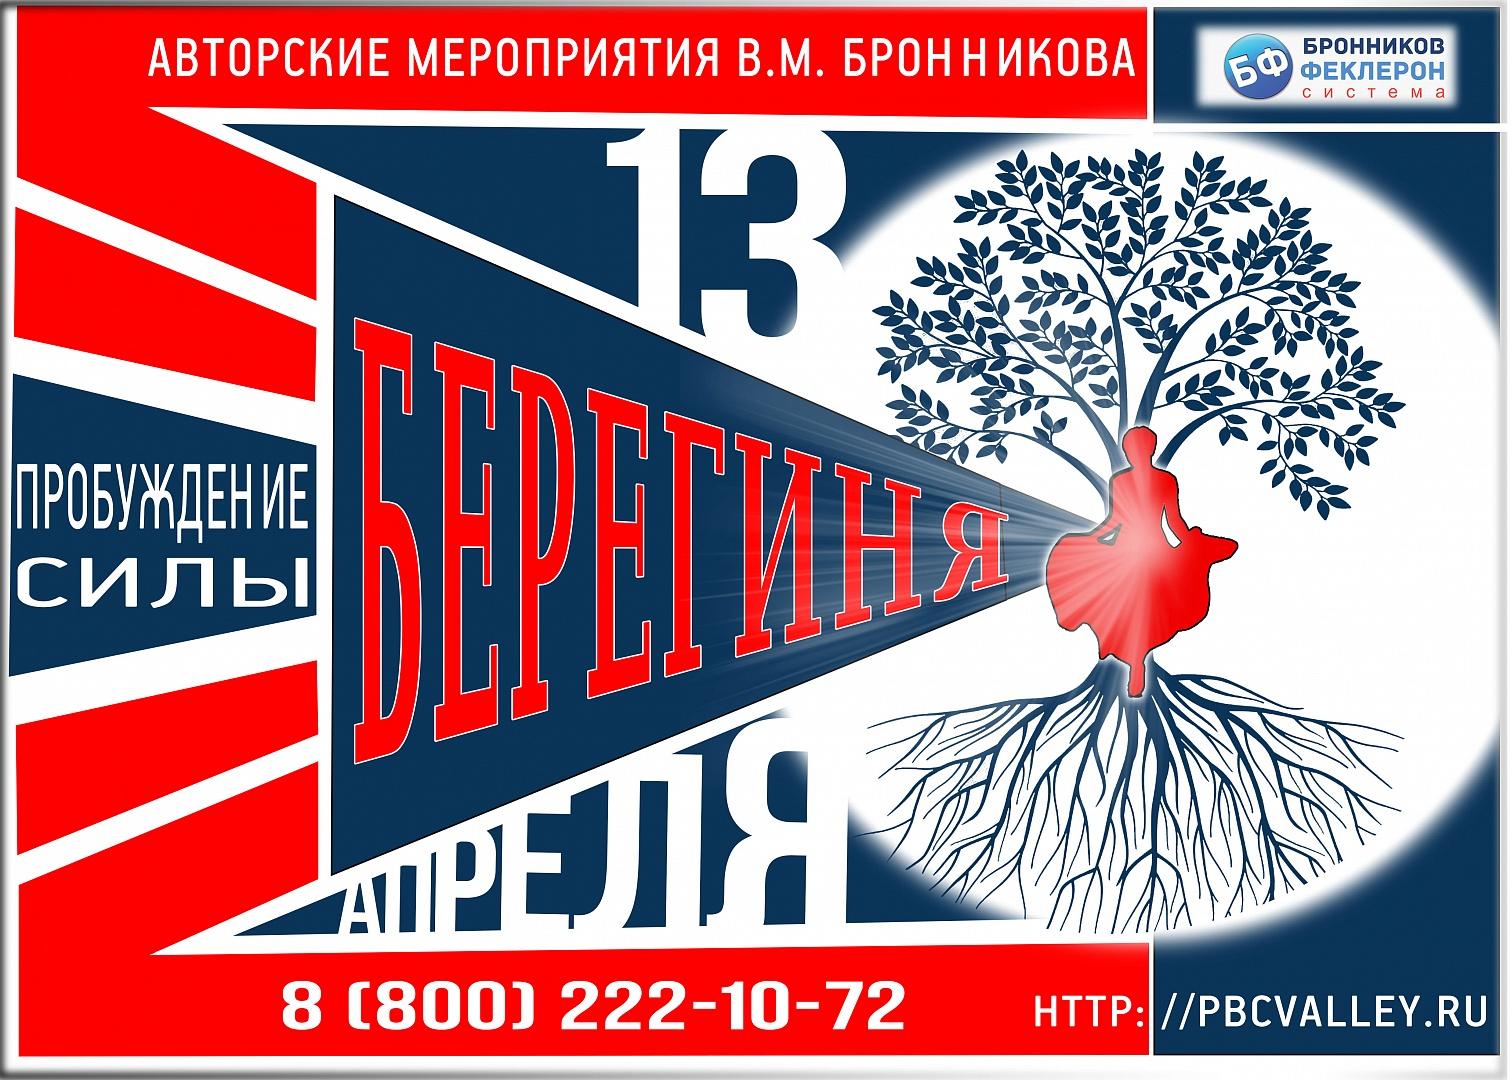 Авторские мероприятия 13 апреля 2019 «Берегиня. Пробуждение силы»